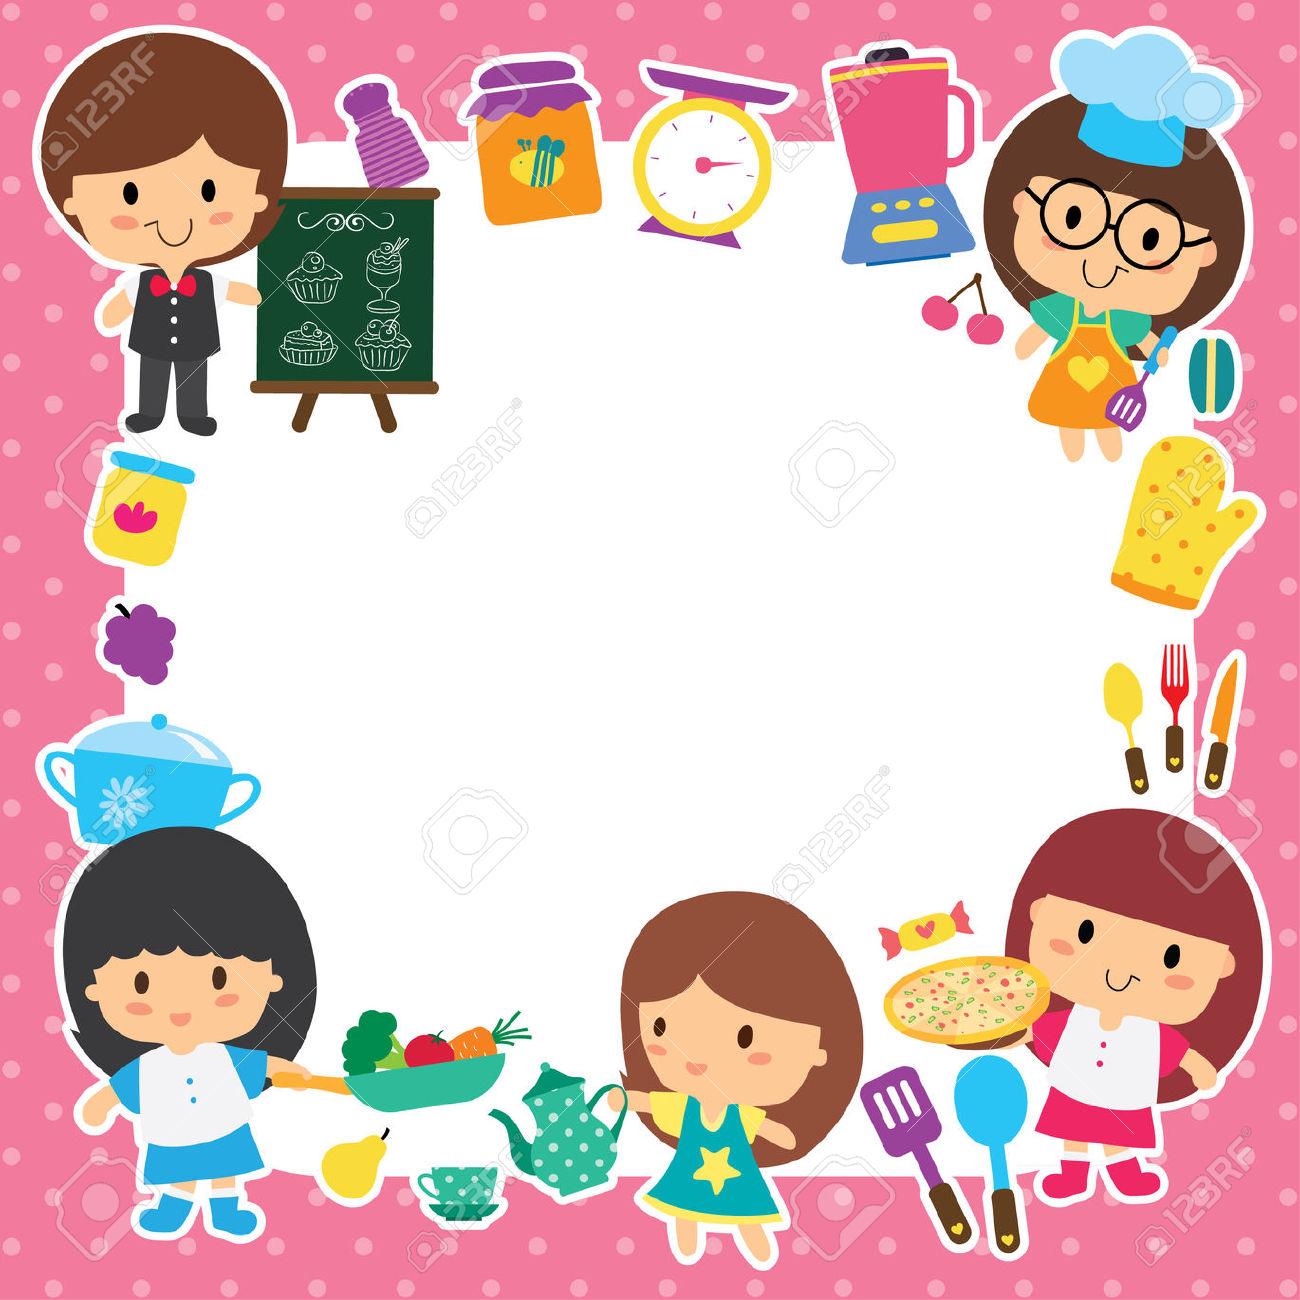 Kochen und backen mit kindern clipart image royalty free stock Zubereitung Von Speisen Und Kinder-Layout-Design Lizenzfrei ... image royalty free stock